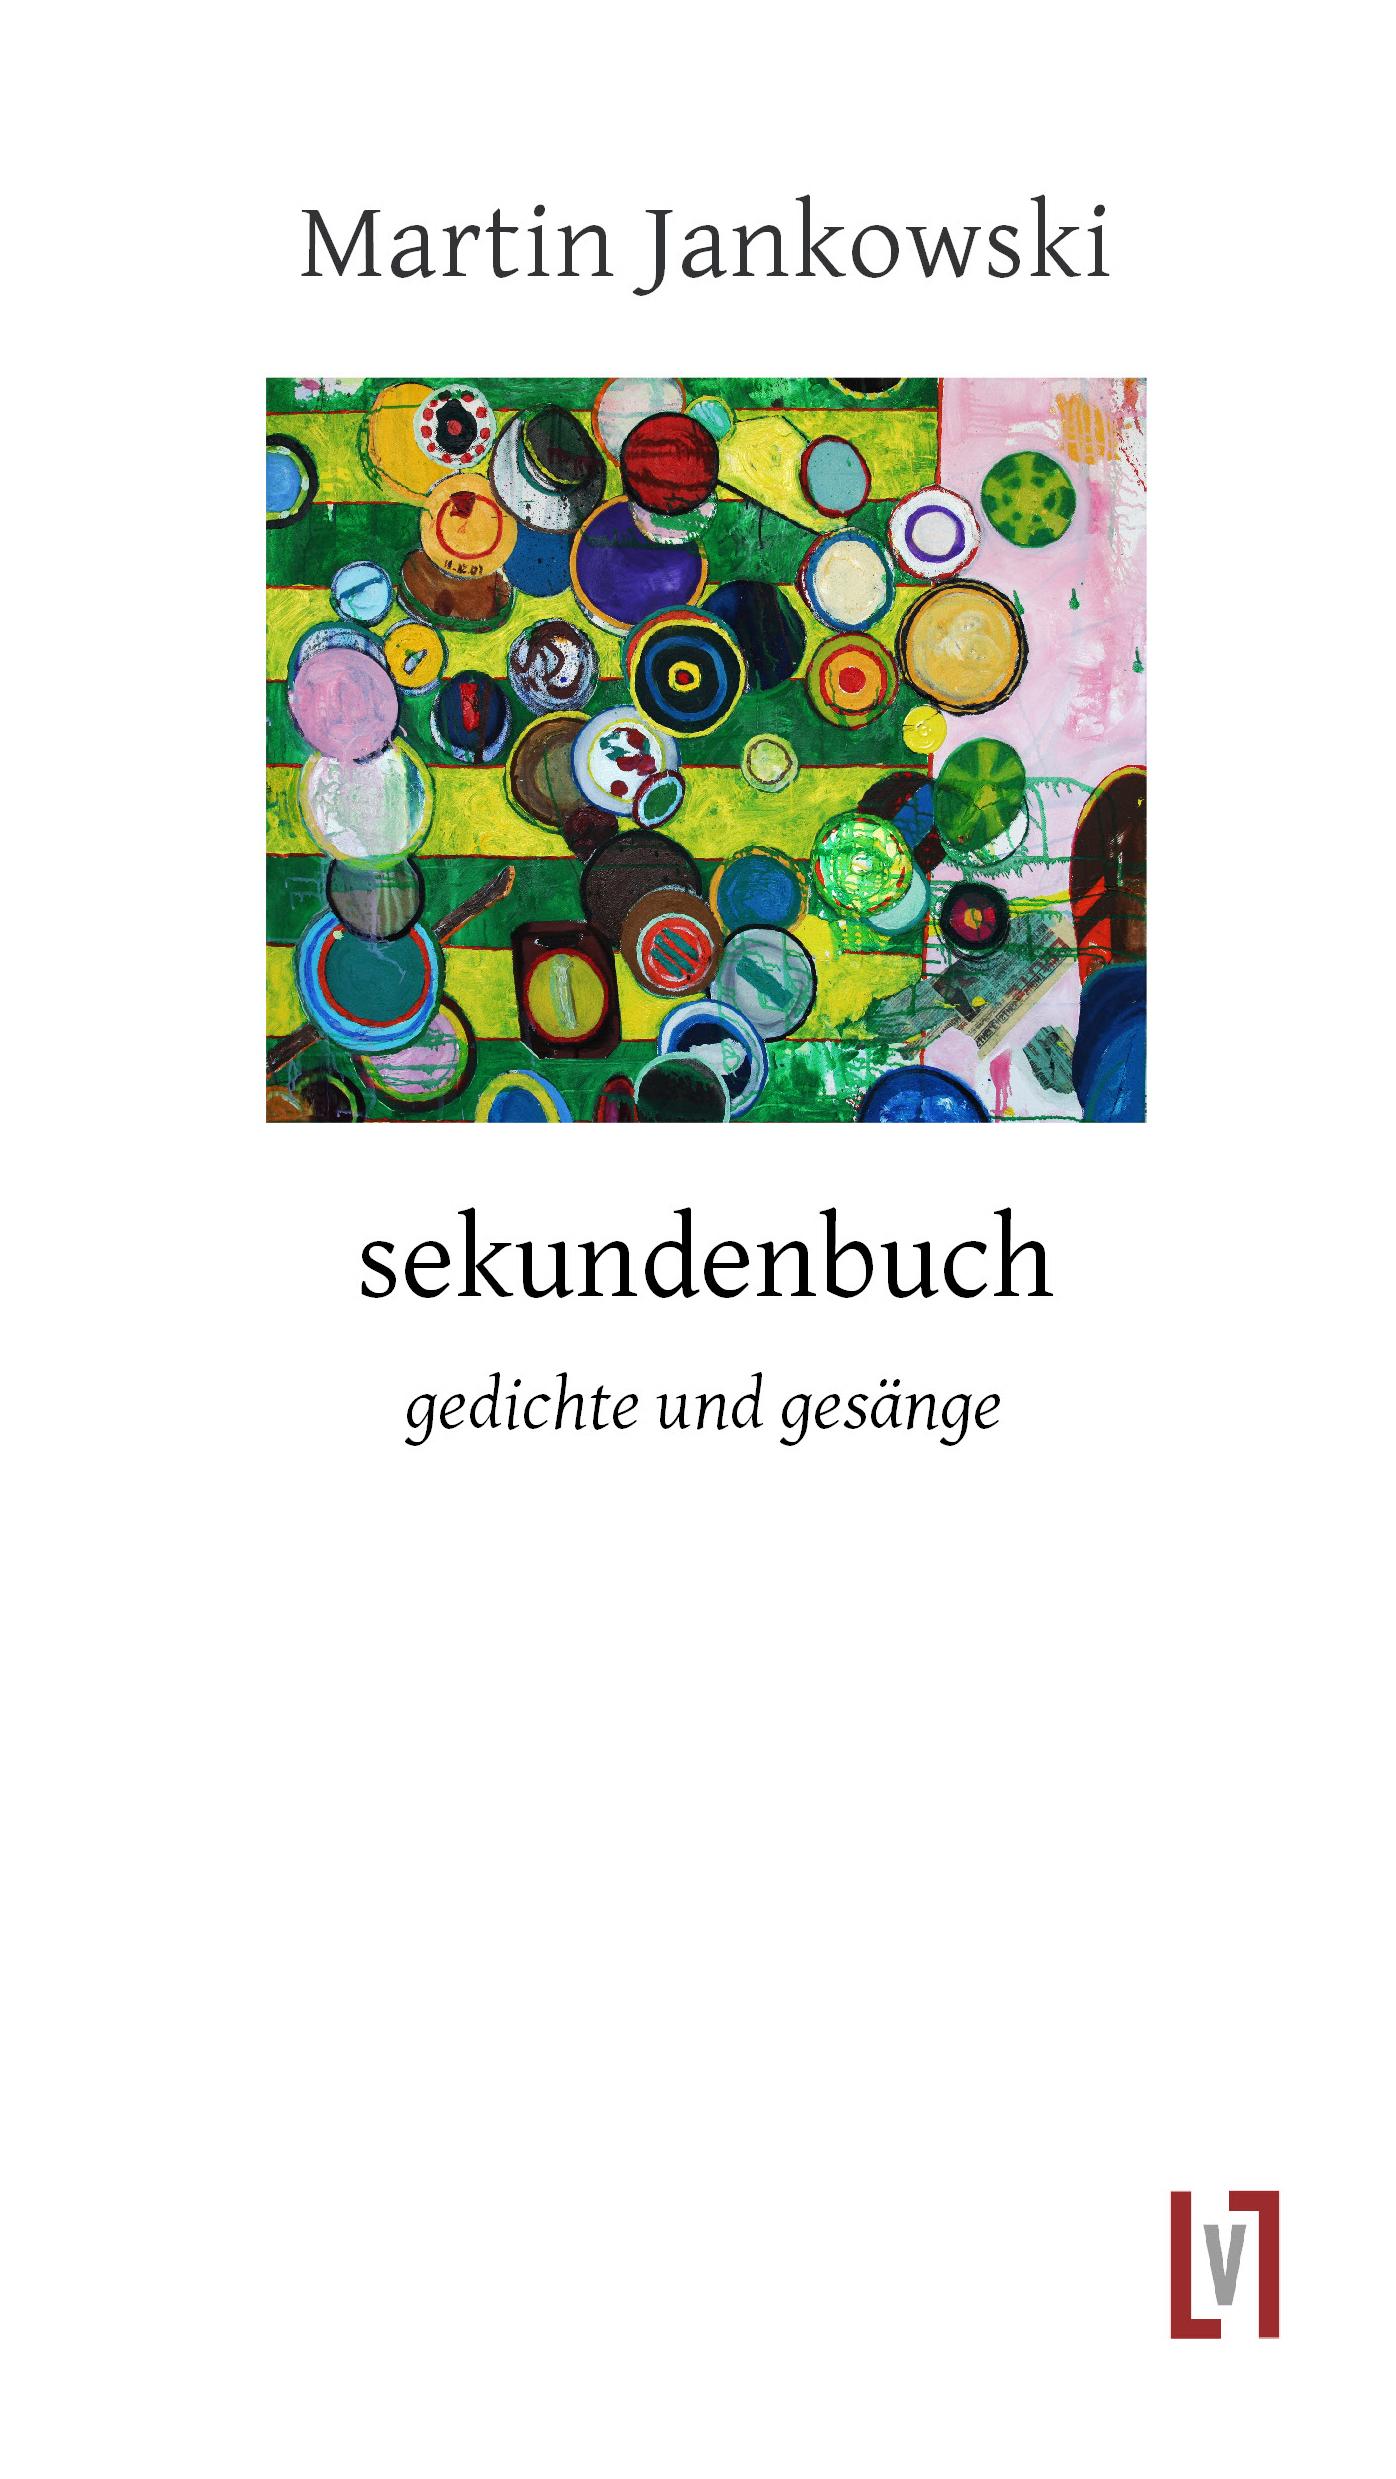 sekundenbuch – gedichte und gesänge